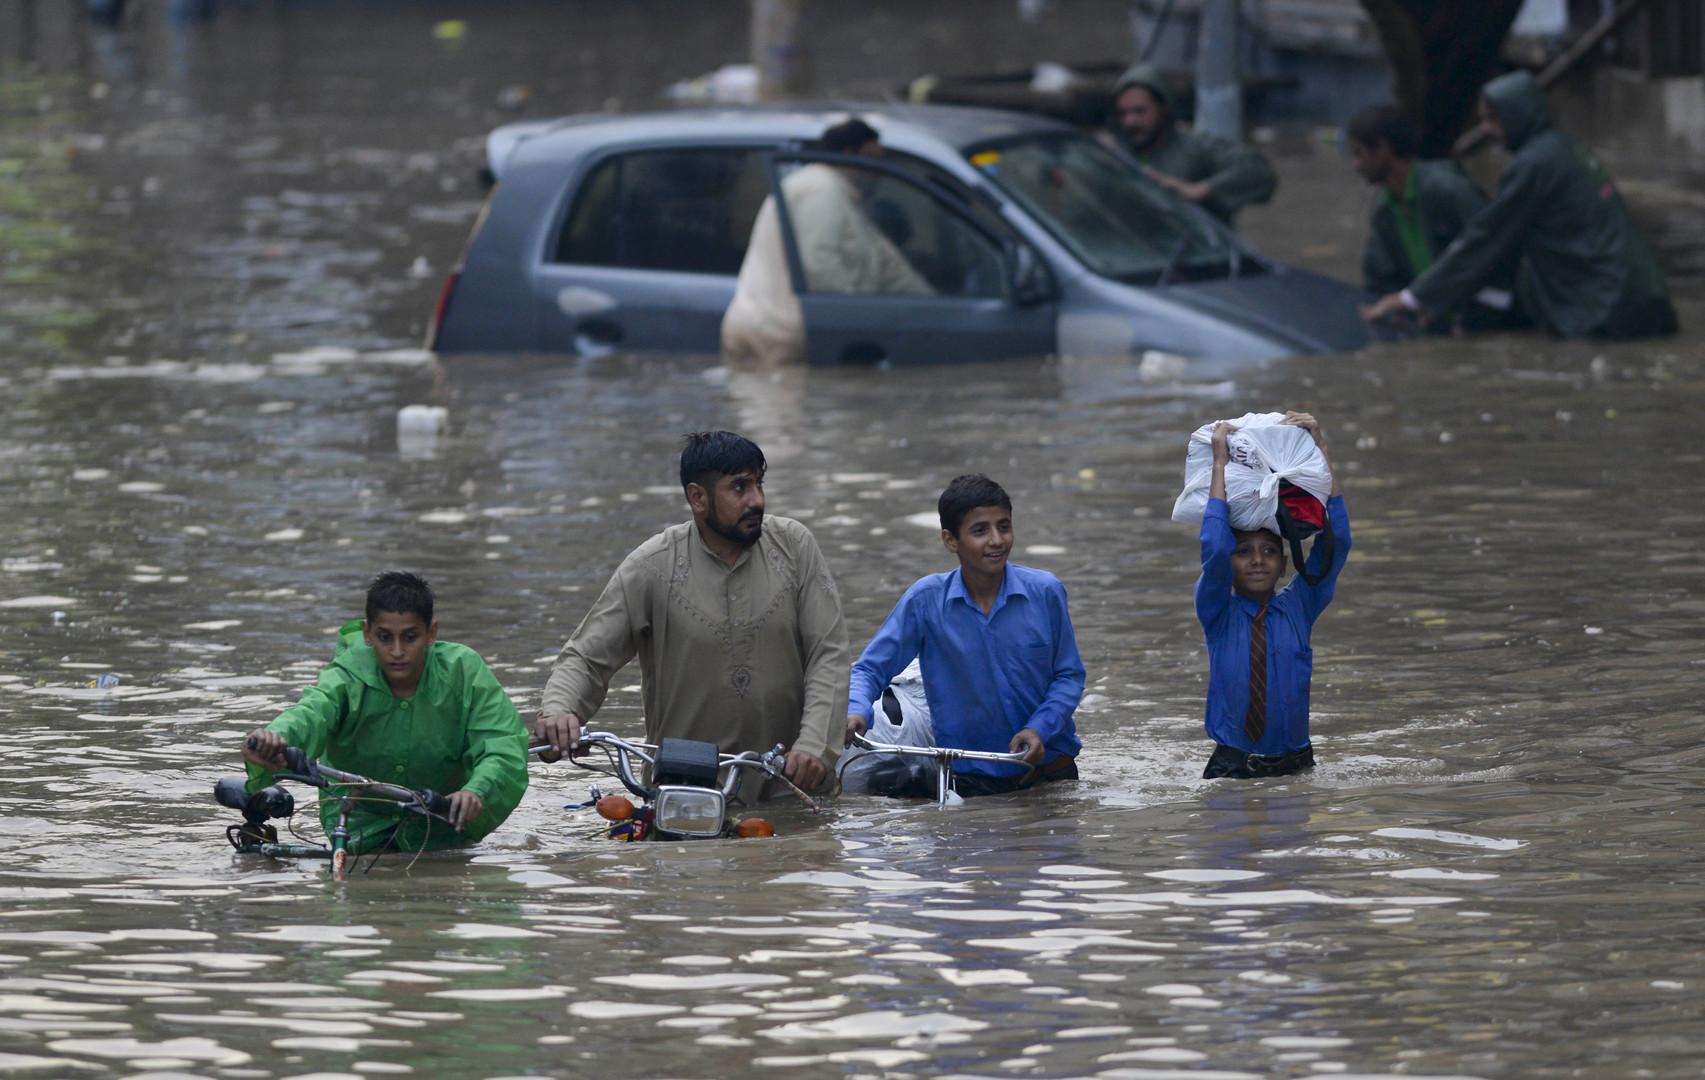 Пакистанцы с велосипедами и мотоциклом пересекают улицу в Лахоре, затопленную в результате сильных ливней.